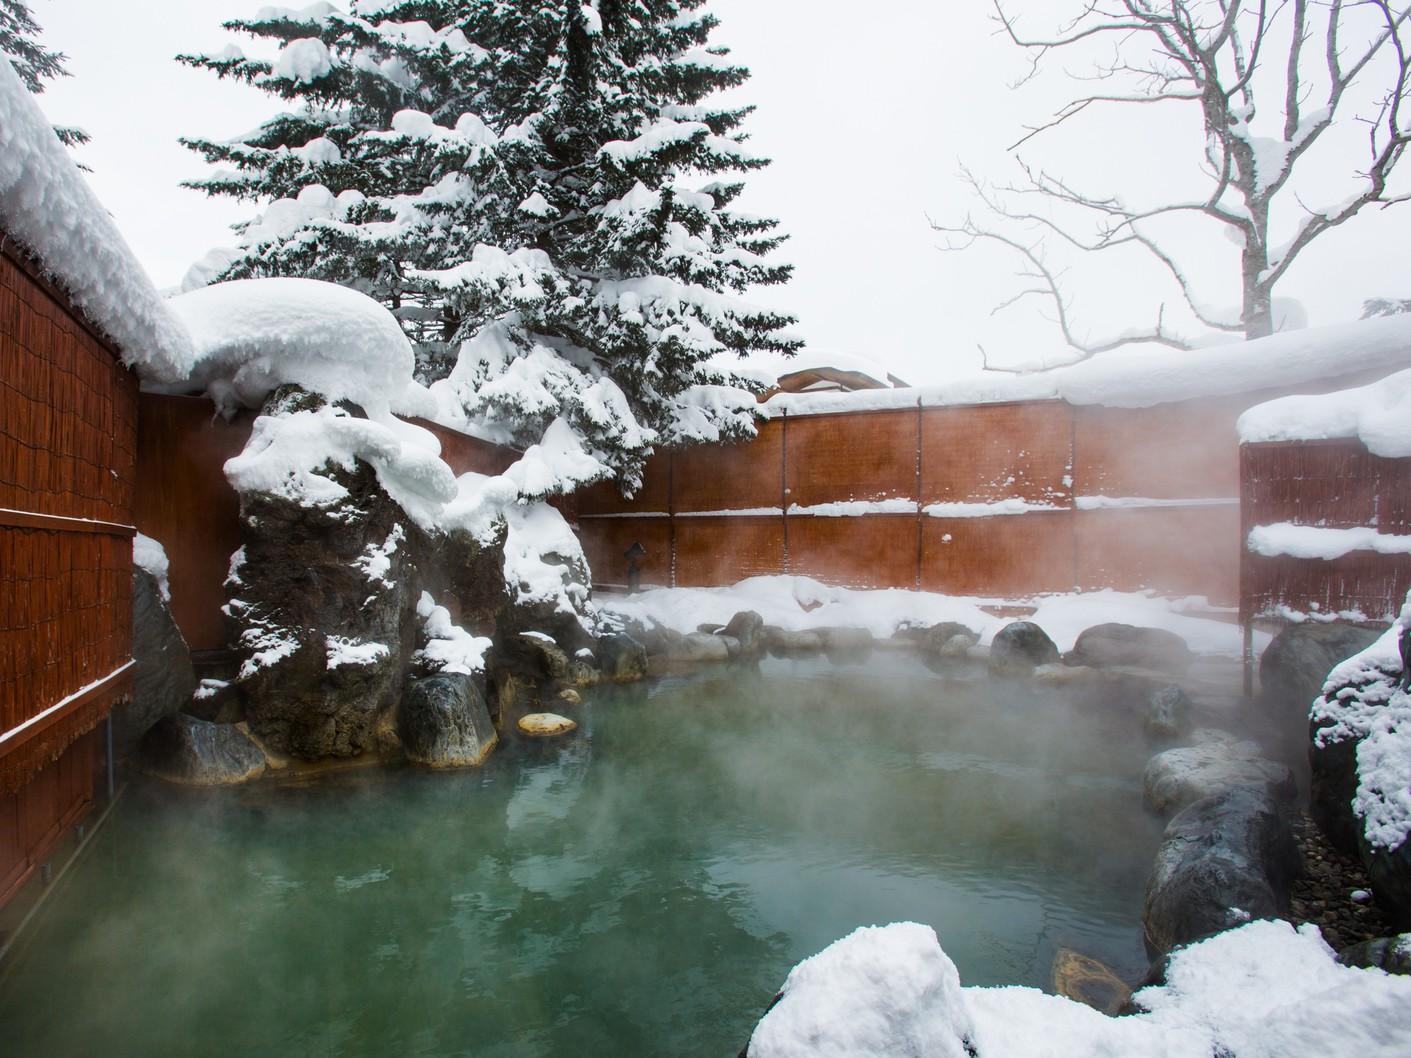 ニセコ東山温泉 ザ・グリーンリーフ・ニセコビレッジ image